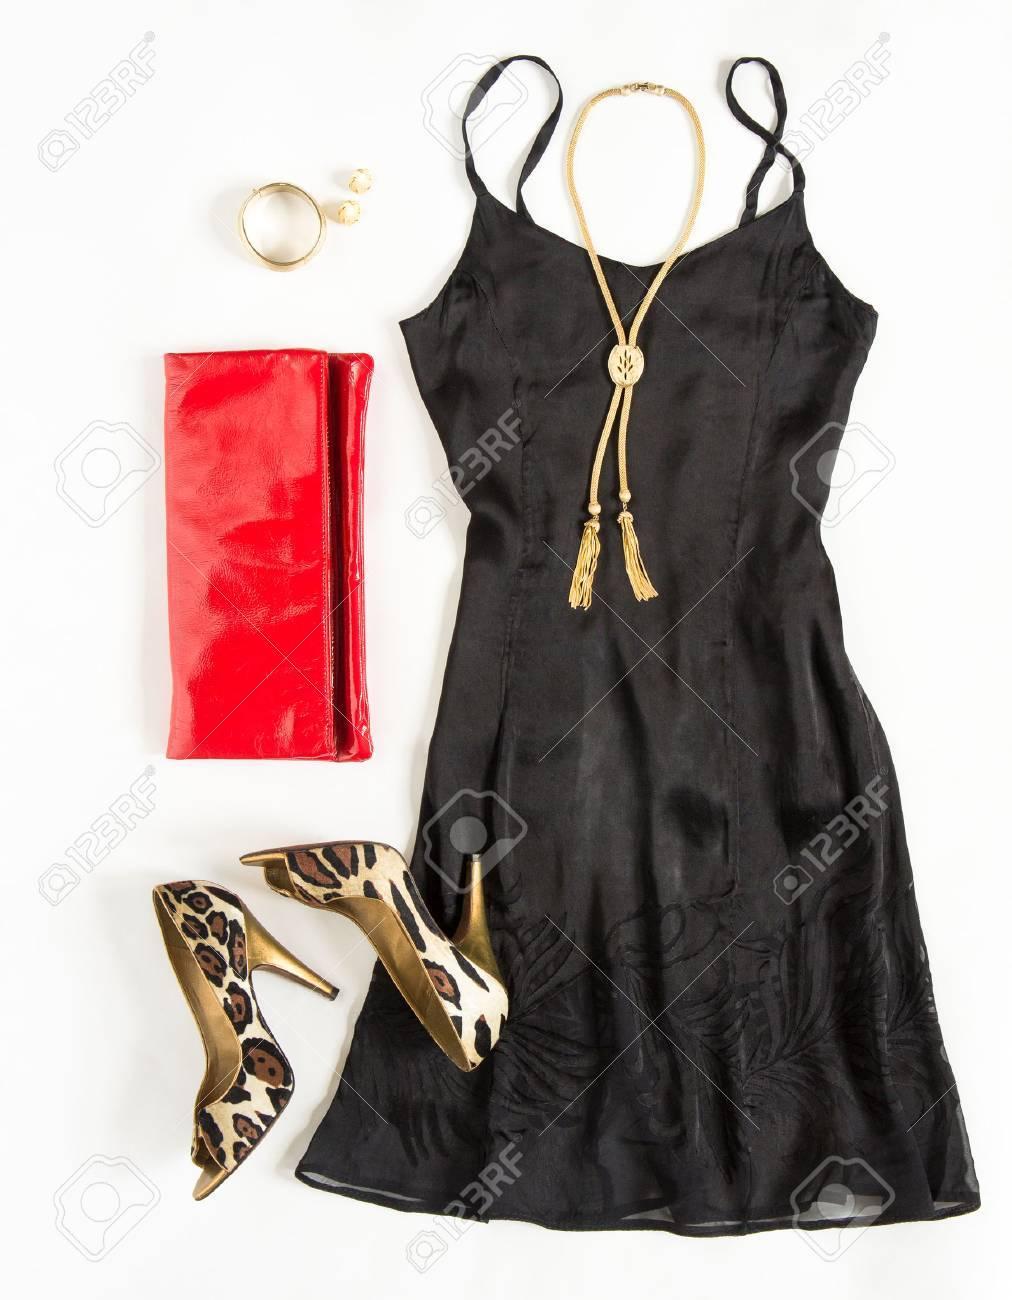 Weihnachten Party-Outfit. Cocktailkleid-Outfit, Nacht Blick Auf ...